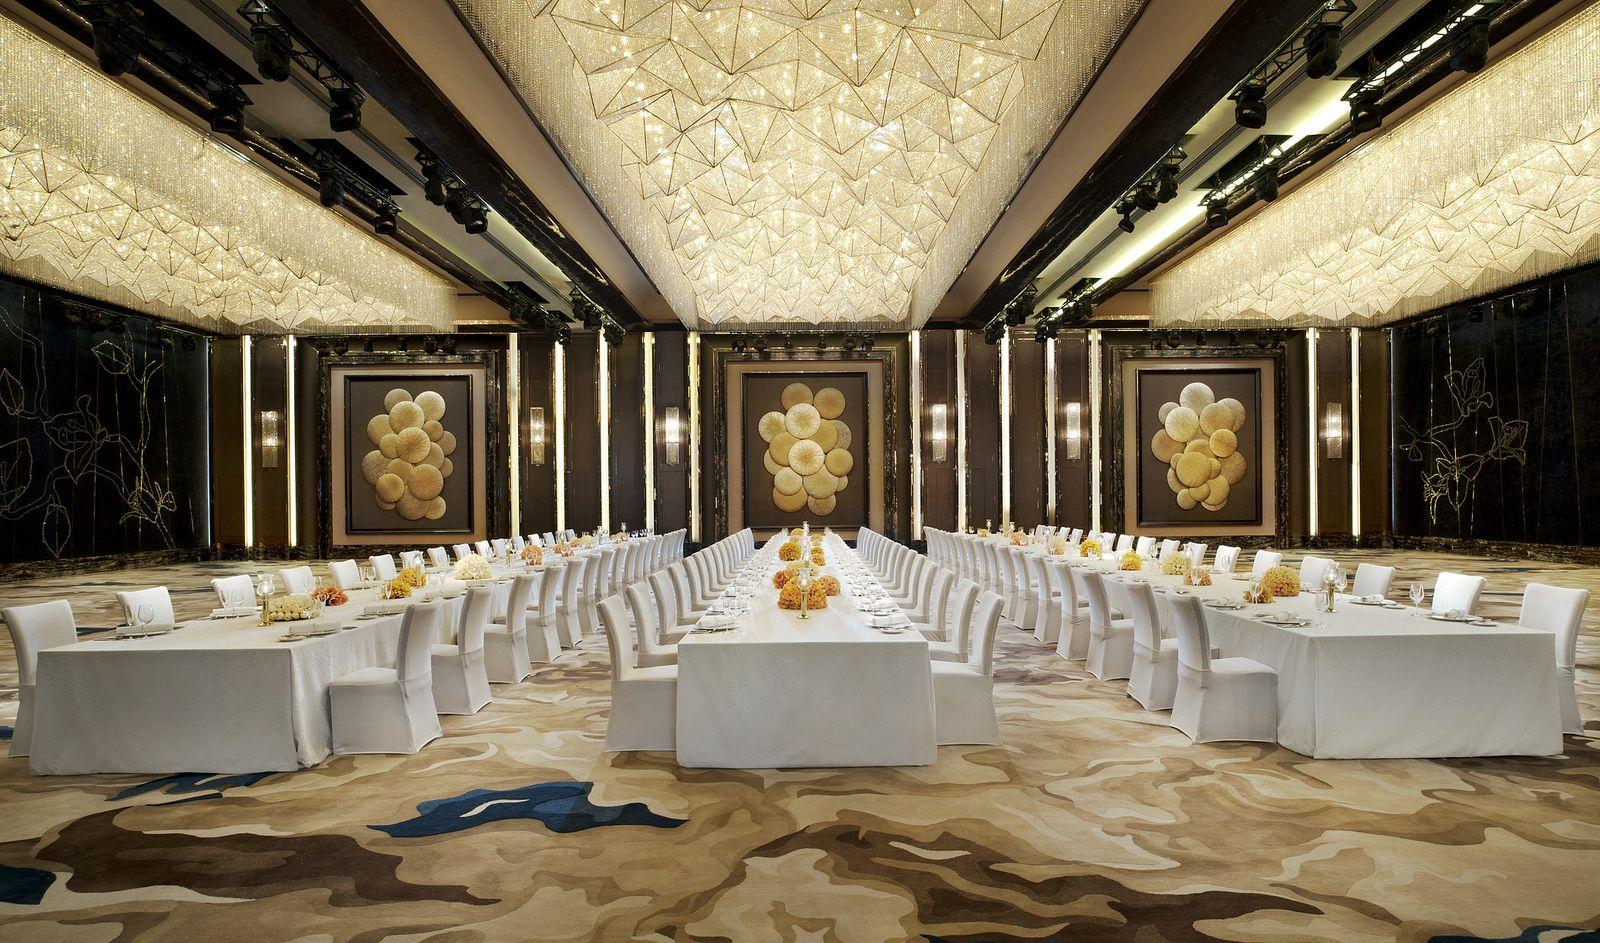 The St Regis Shenzhen Grand Ballroom Dinner Setup